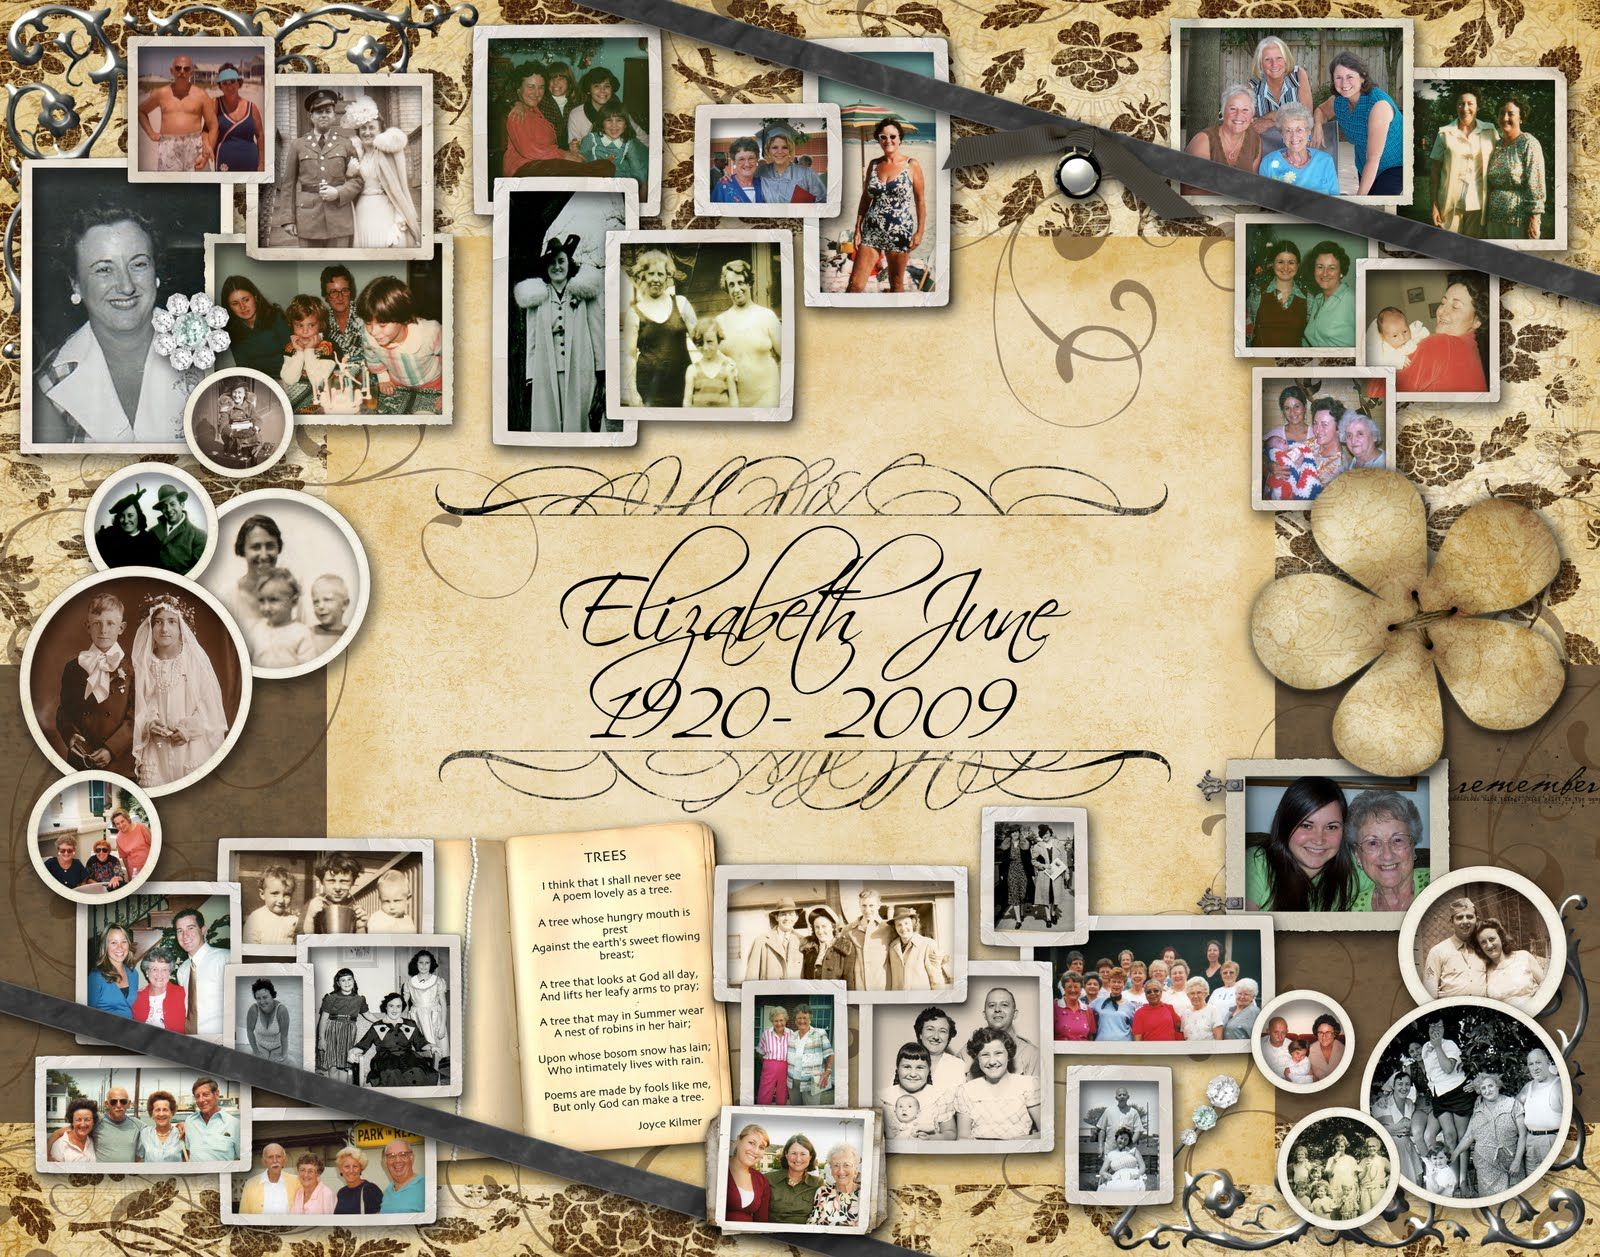 In loving memory of our dear friend Elyse\'s mother, Elizabeth June ...